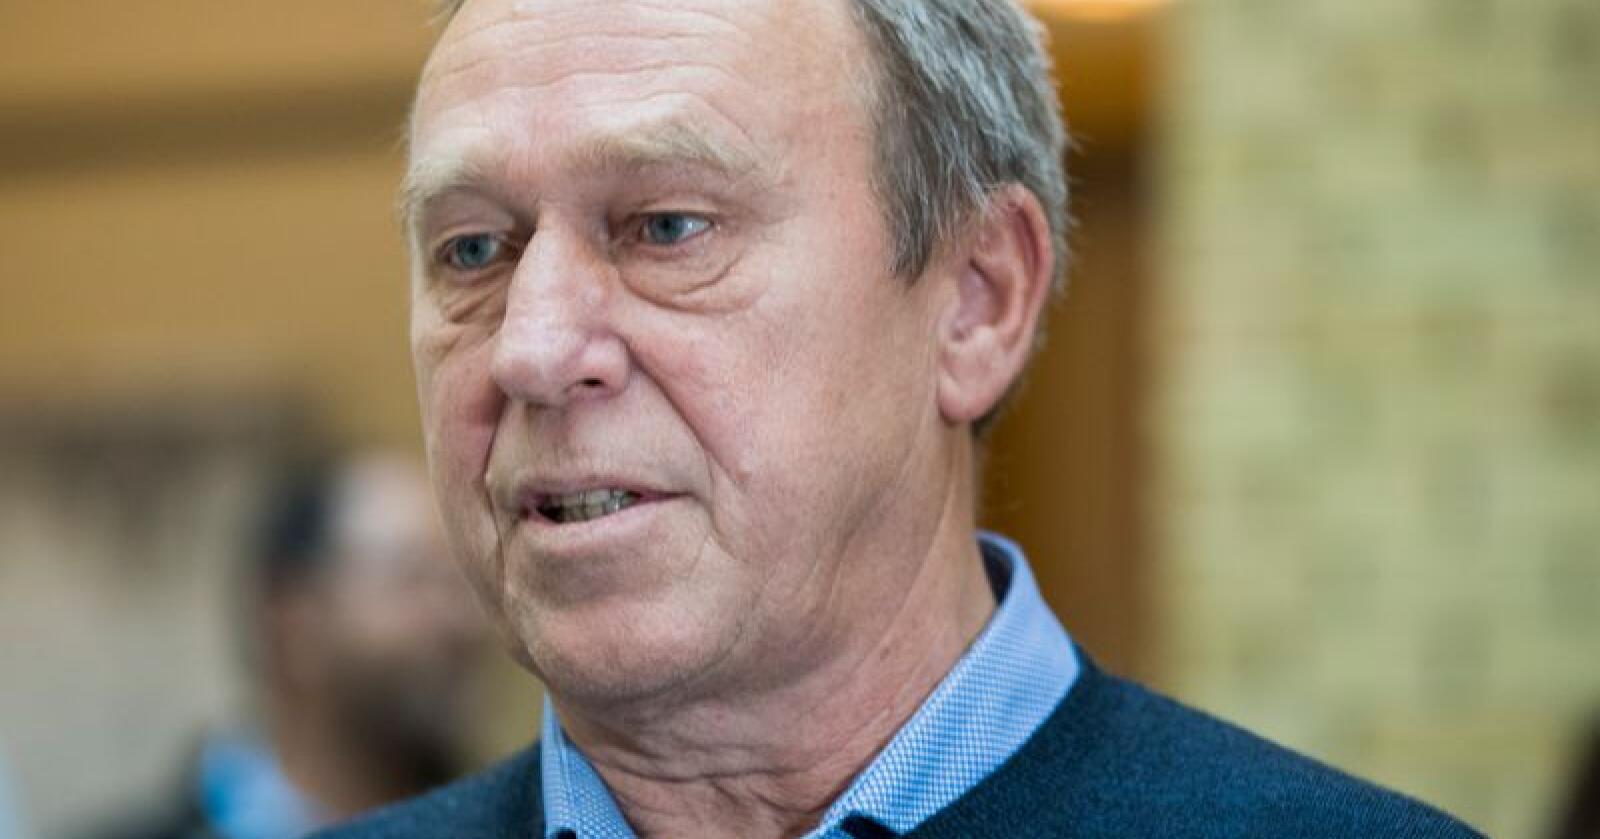 Forbundsleder i NNN Jan Egil Pedersen frykter arbeidsplasser kan gå tapt om ikke det tas grep for å sikre bøndenes økonomi. Foto: Berit Roald / NTB scanpix